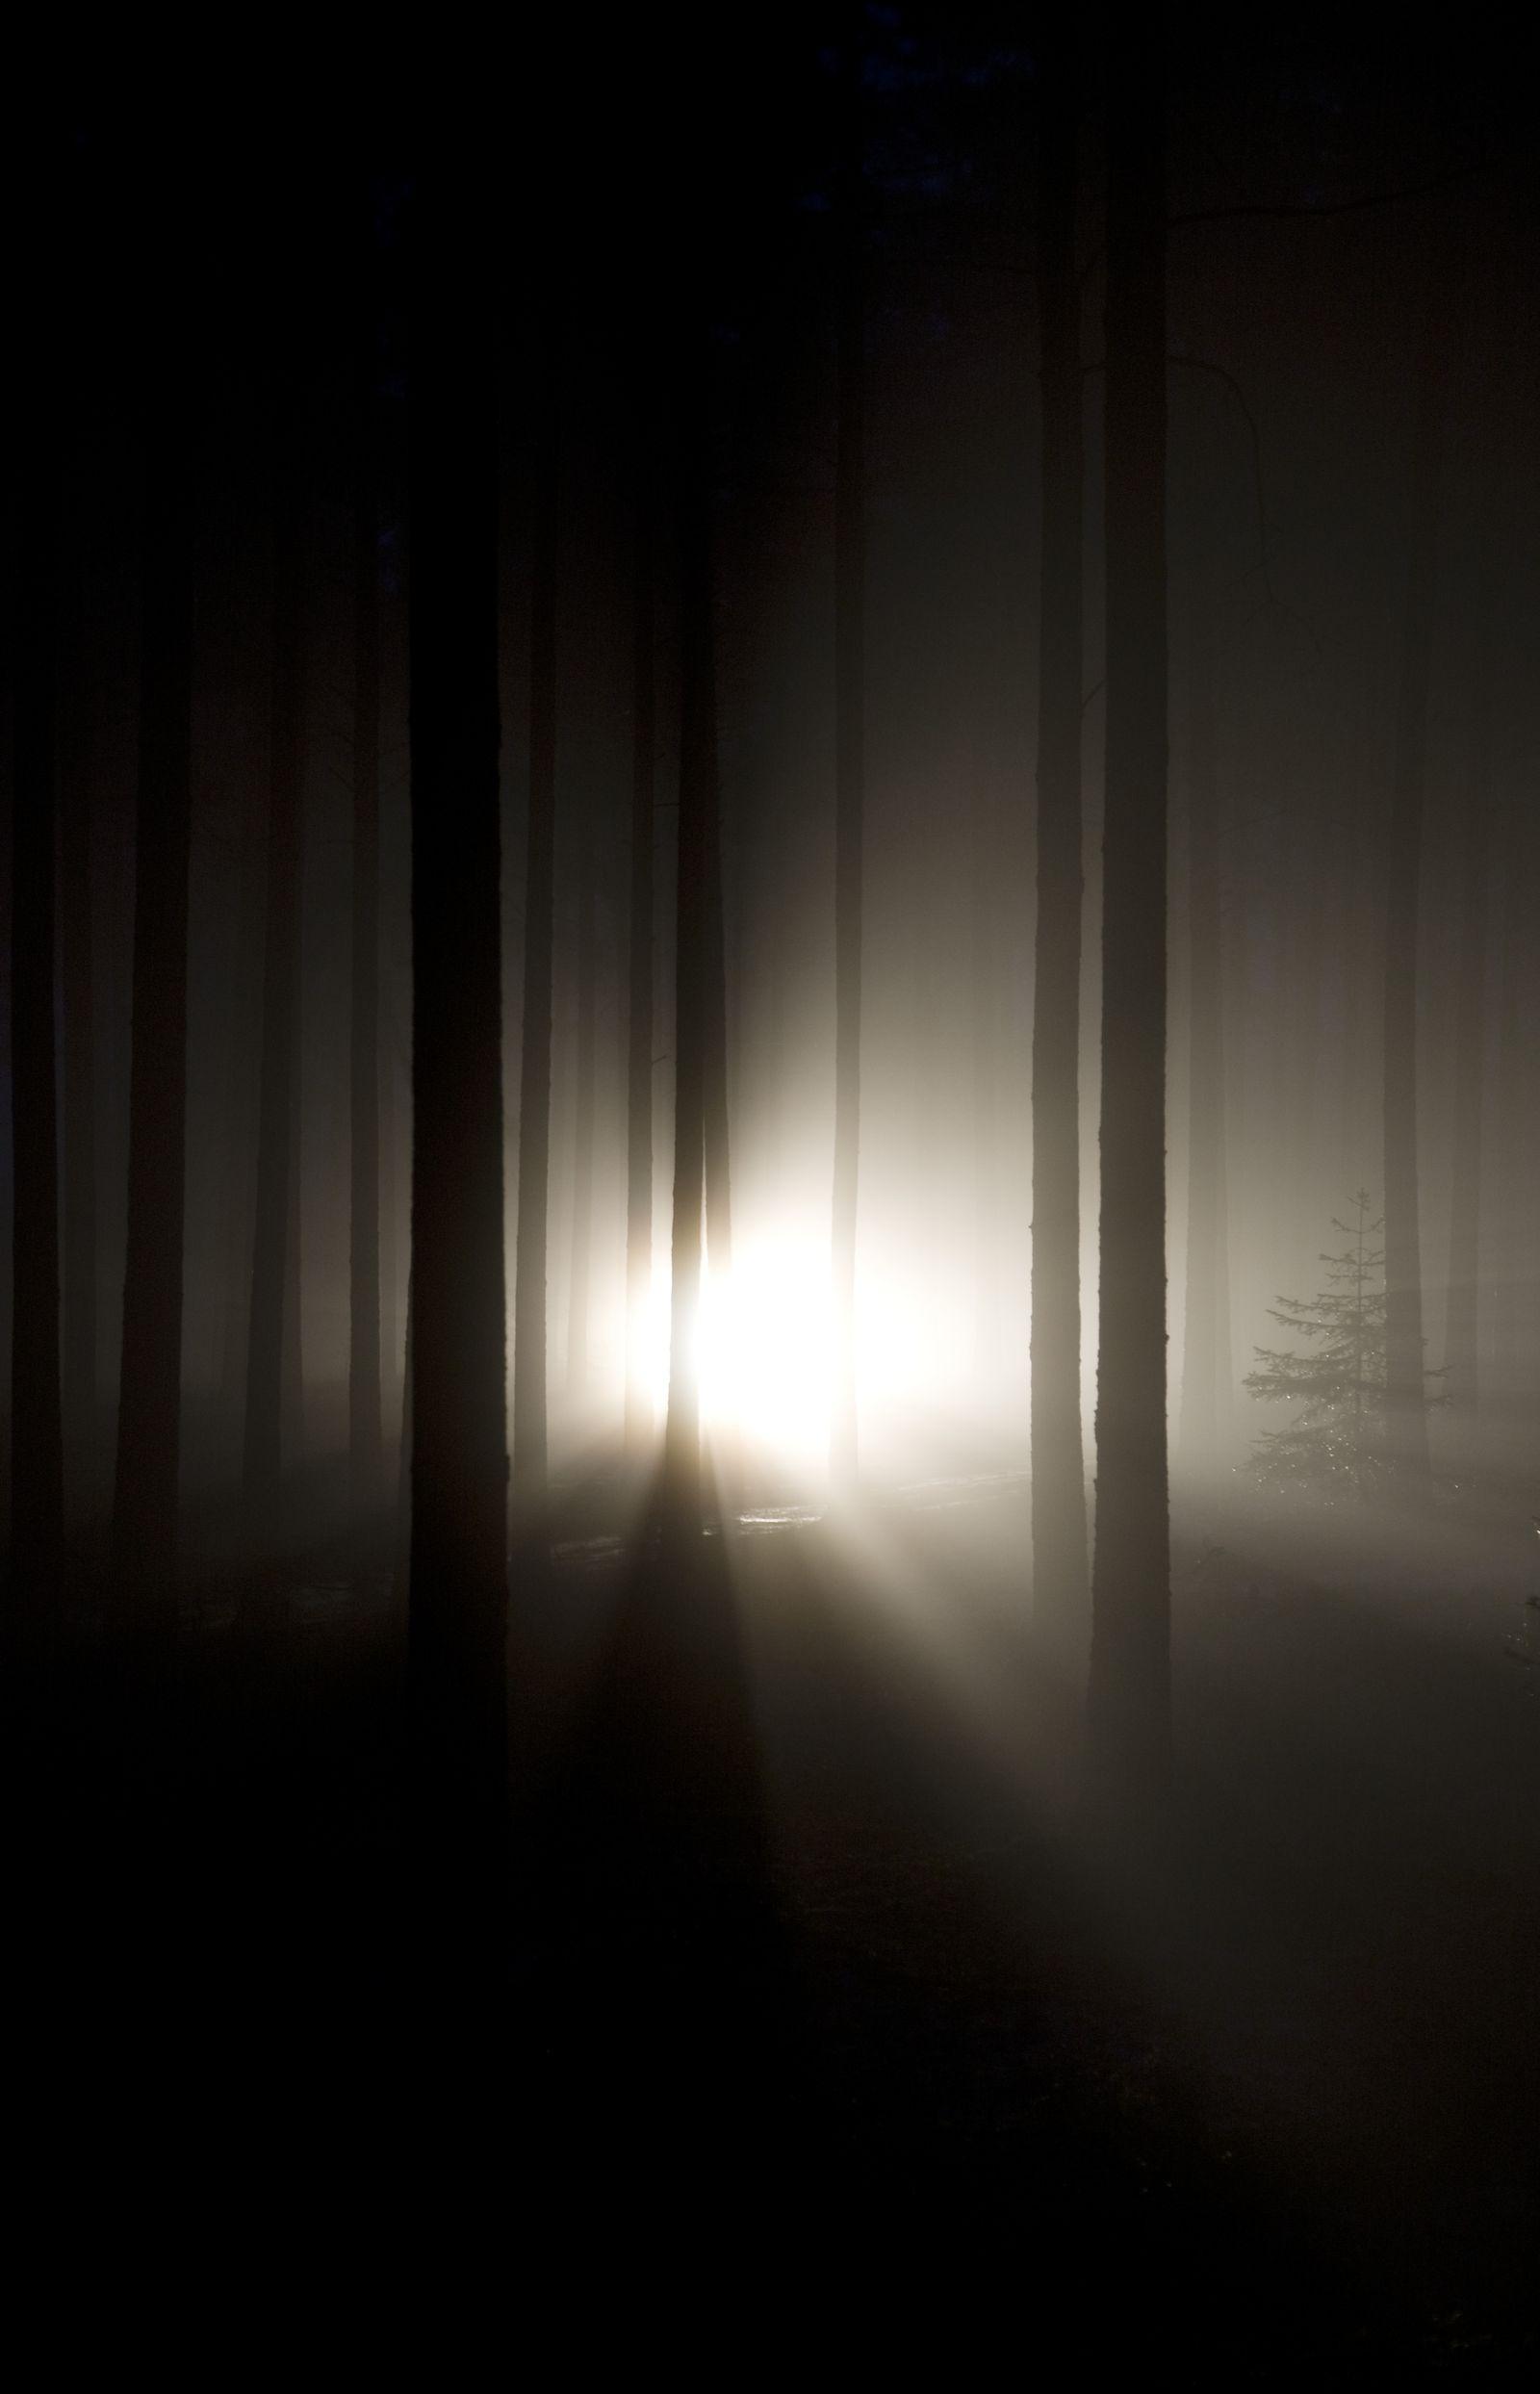 NICHT MEHR VERWENDEN! - Licht / Nahtod